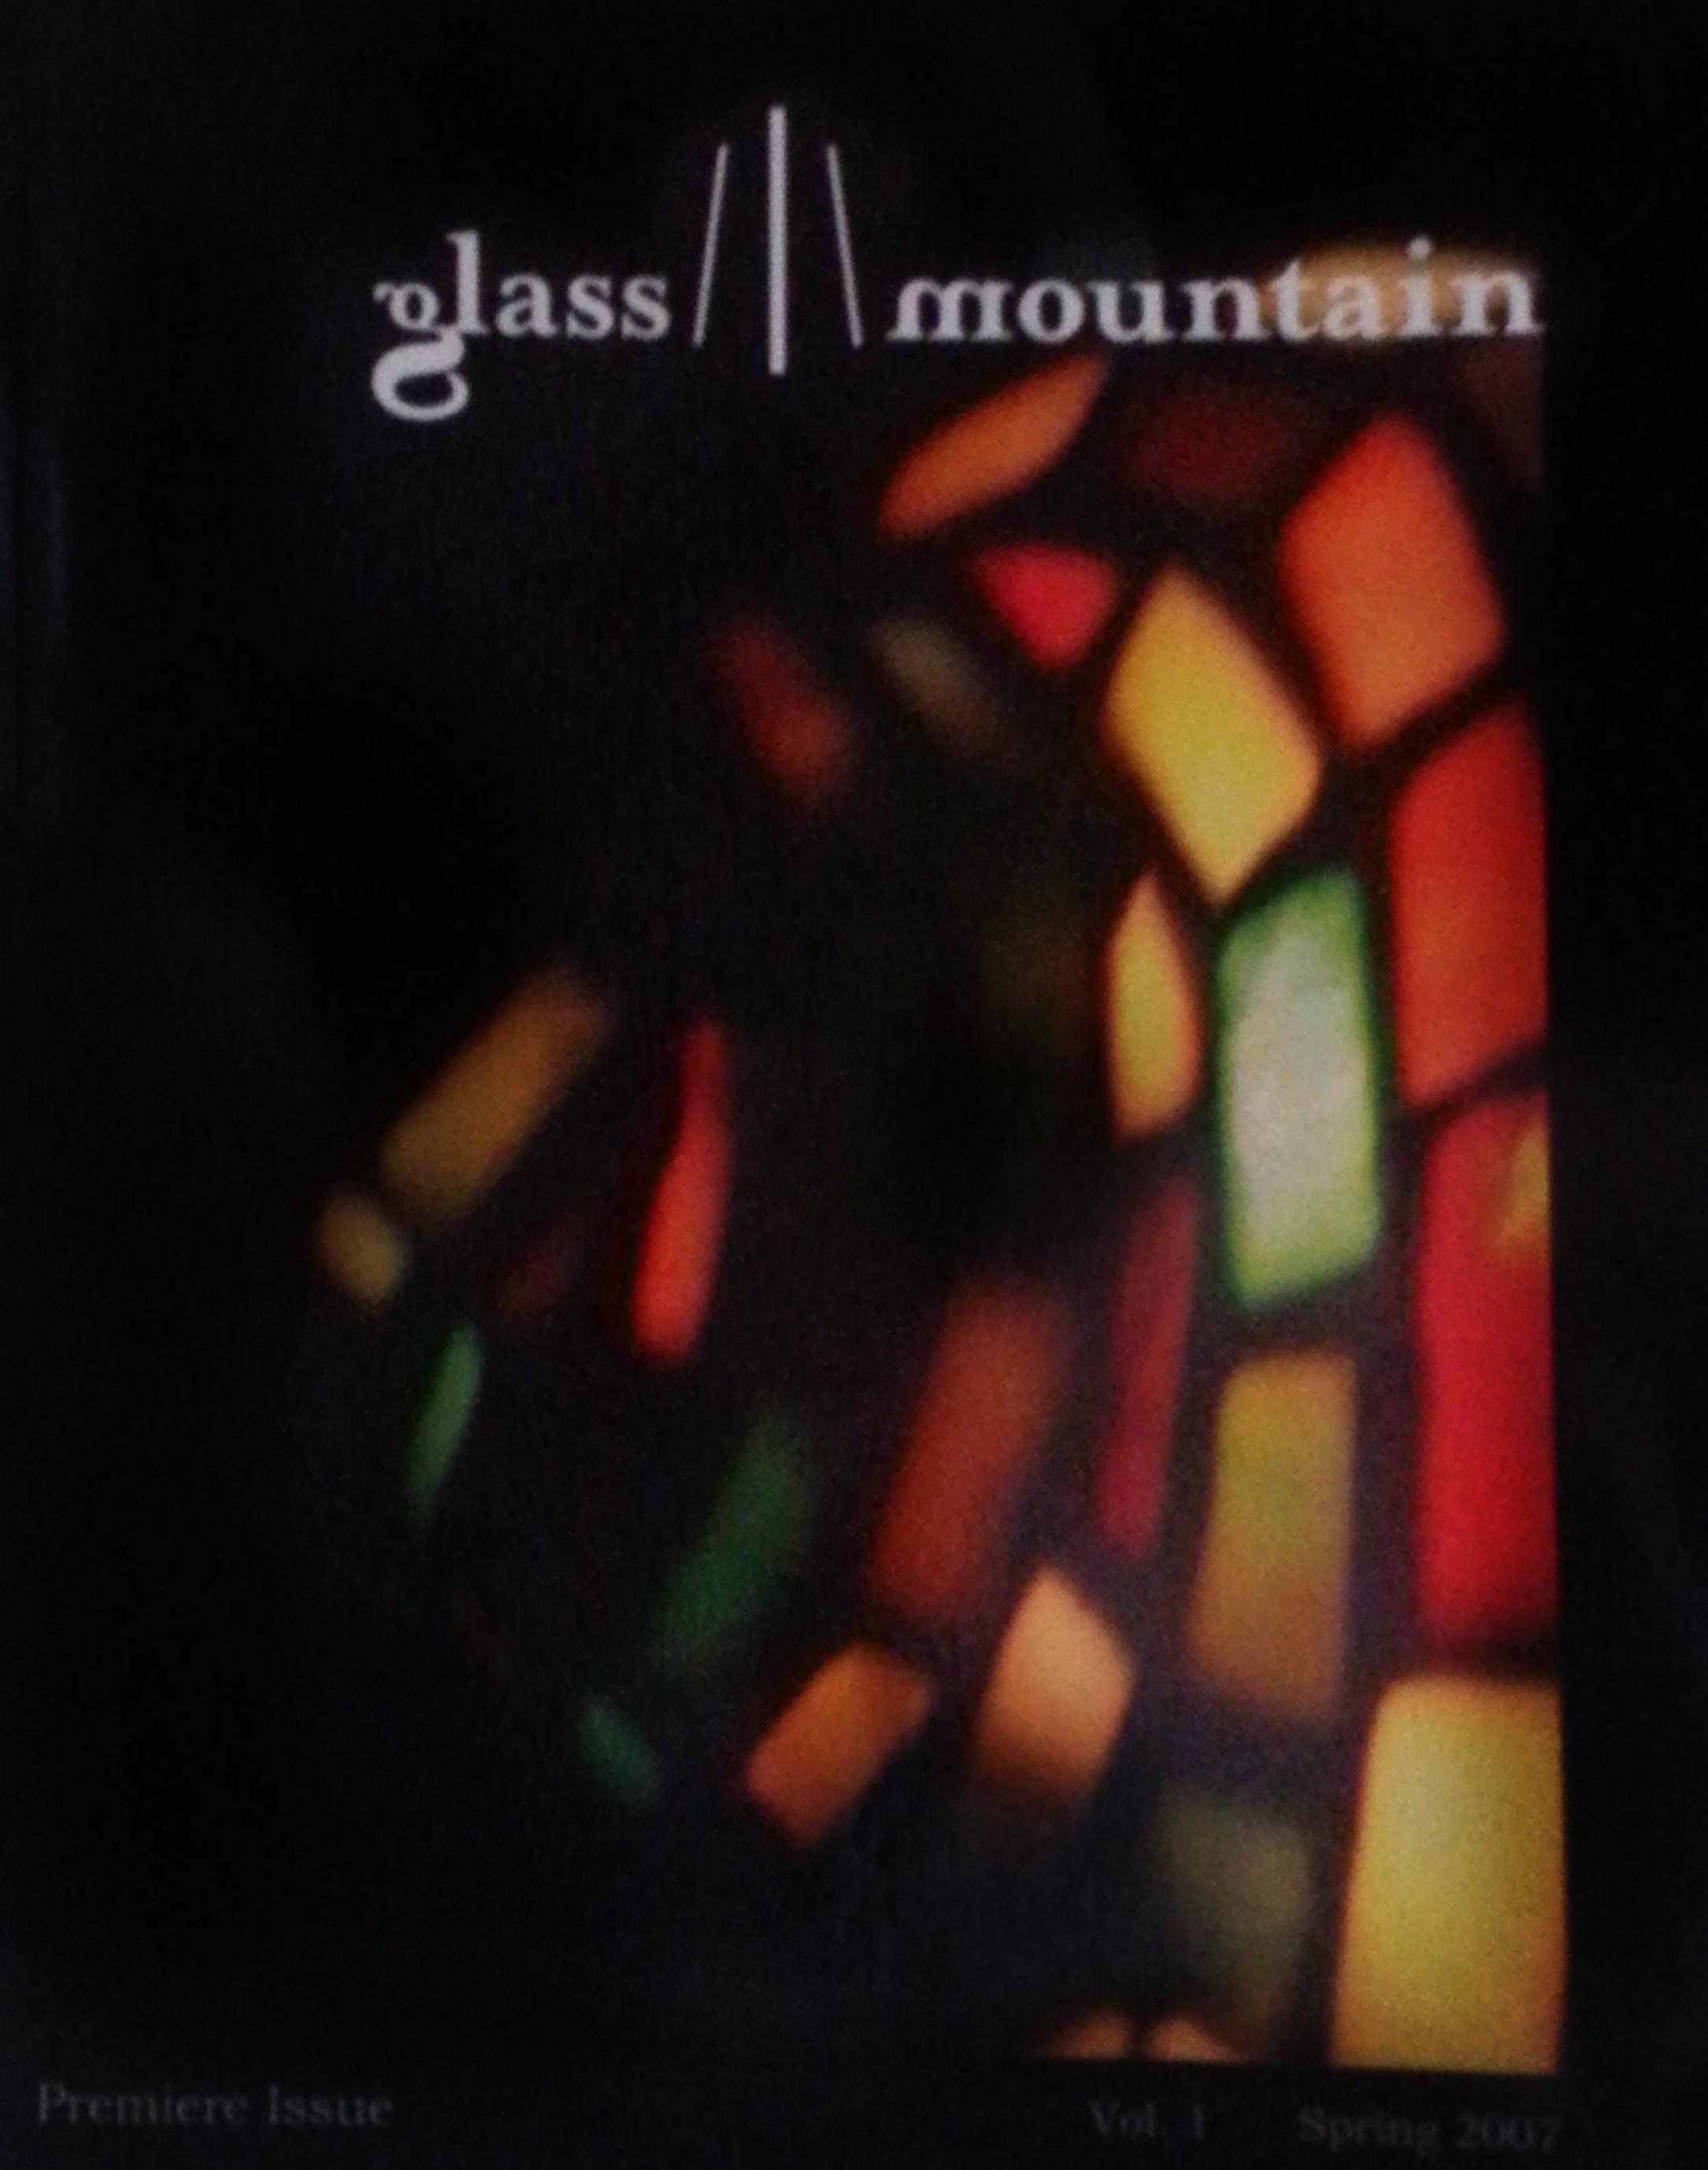 Glass Mountain Magazine | Volume 1, Spring 2007